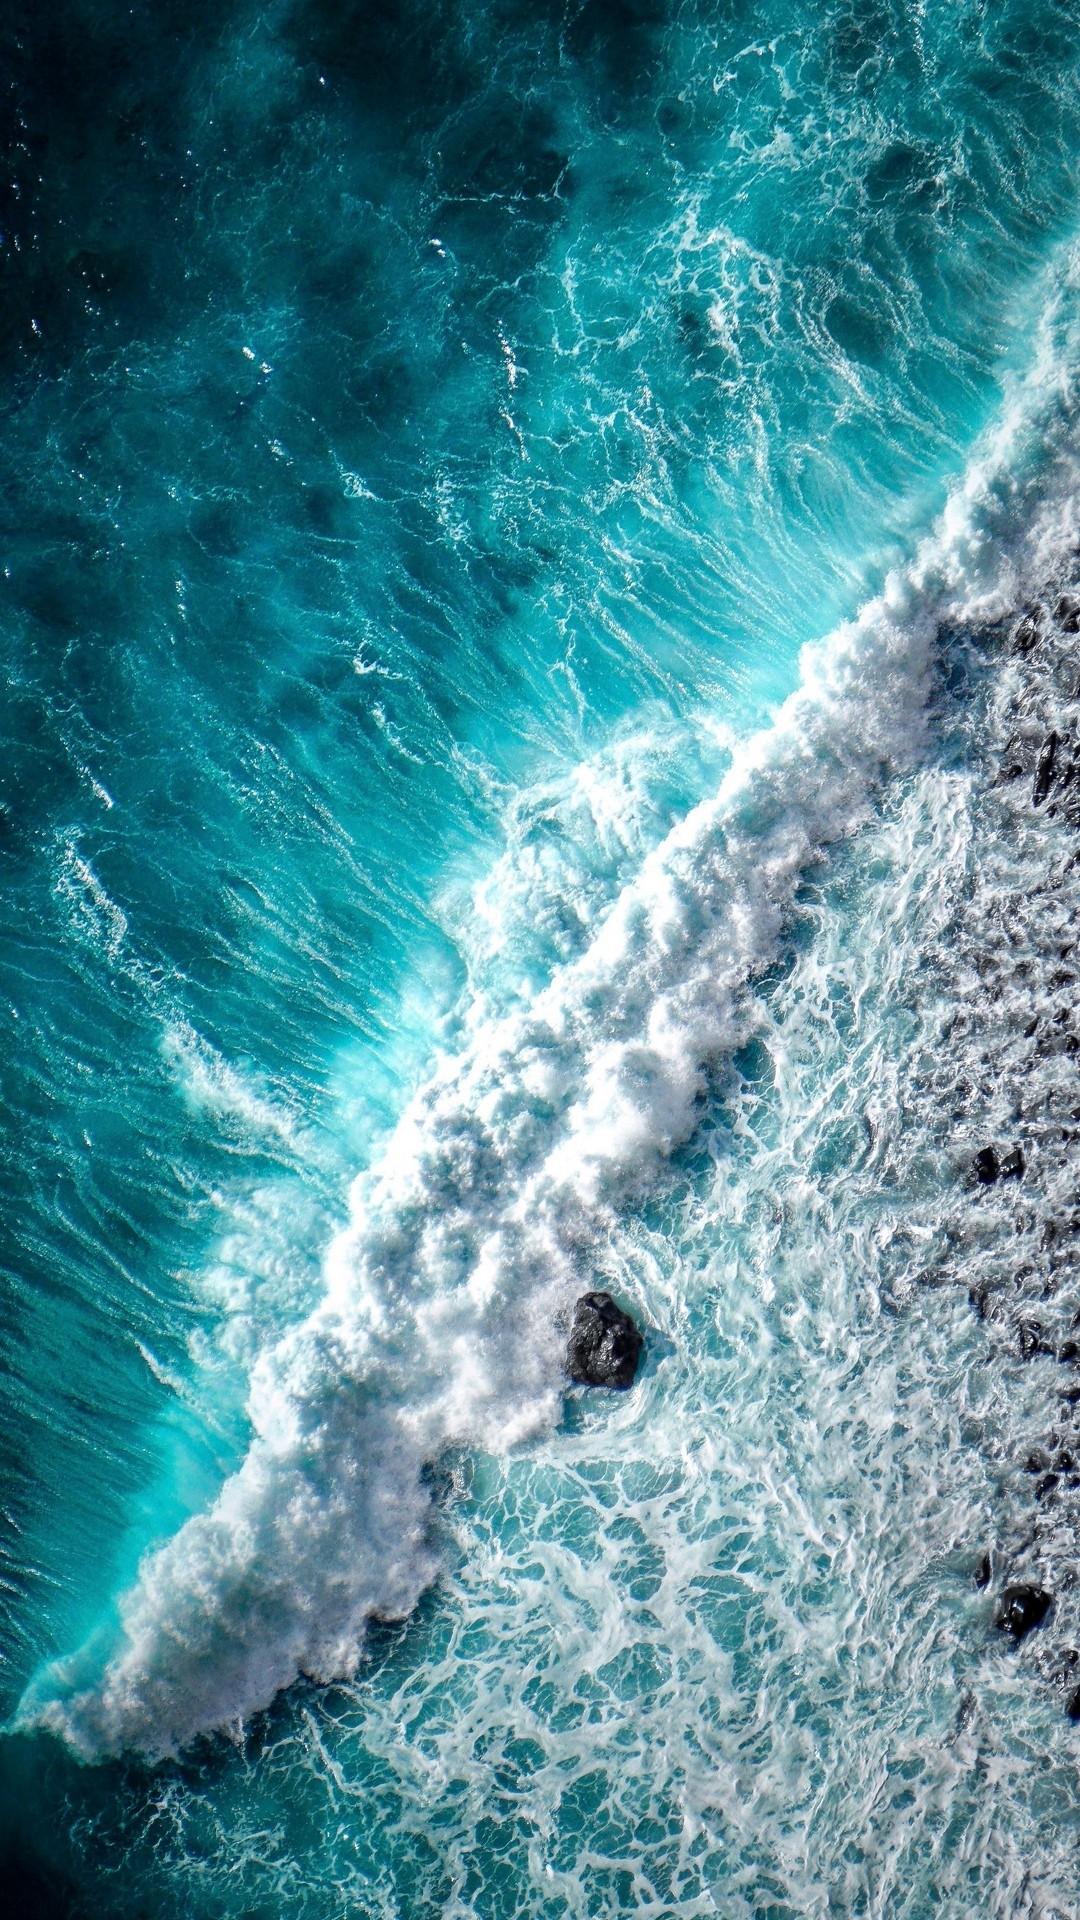 Water iPhone 6 wallpaper